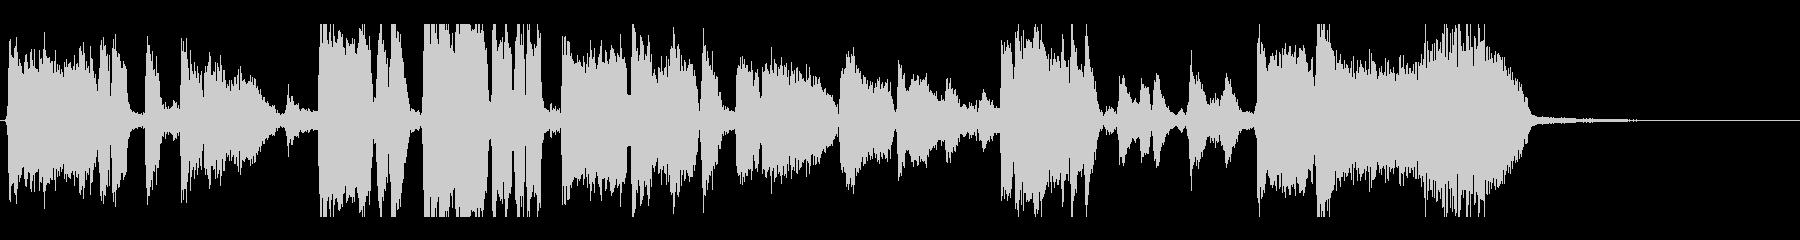 ジャズビッグバンドジングル30秒の未再生の波形